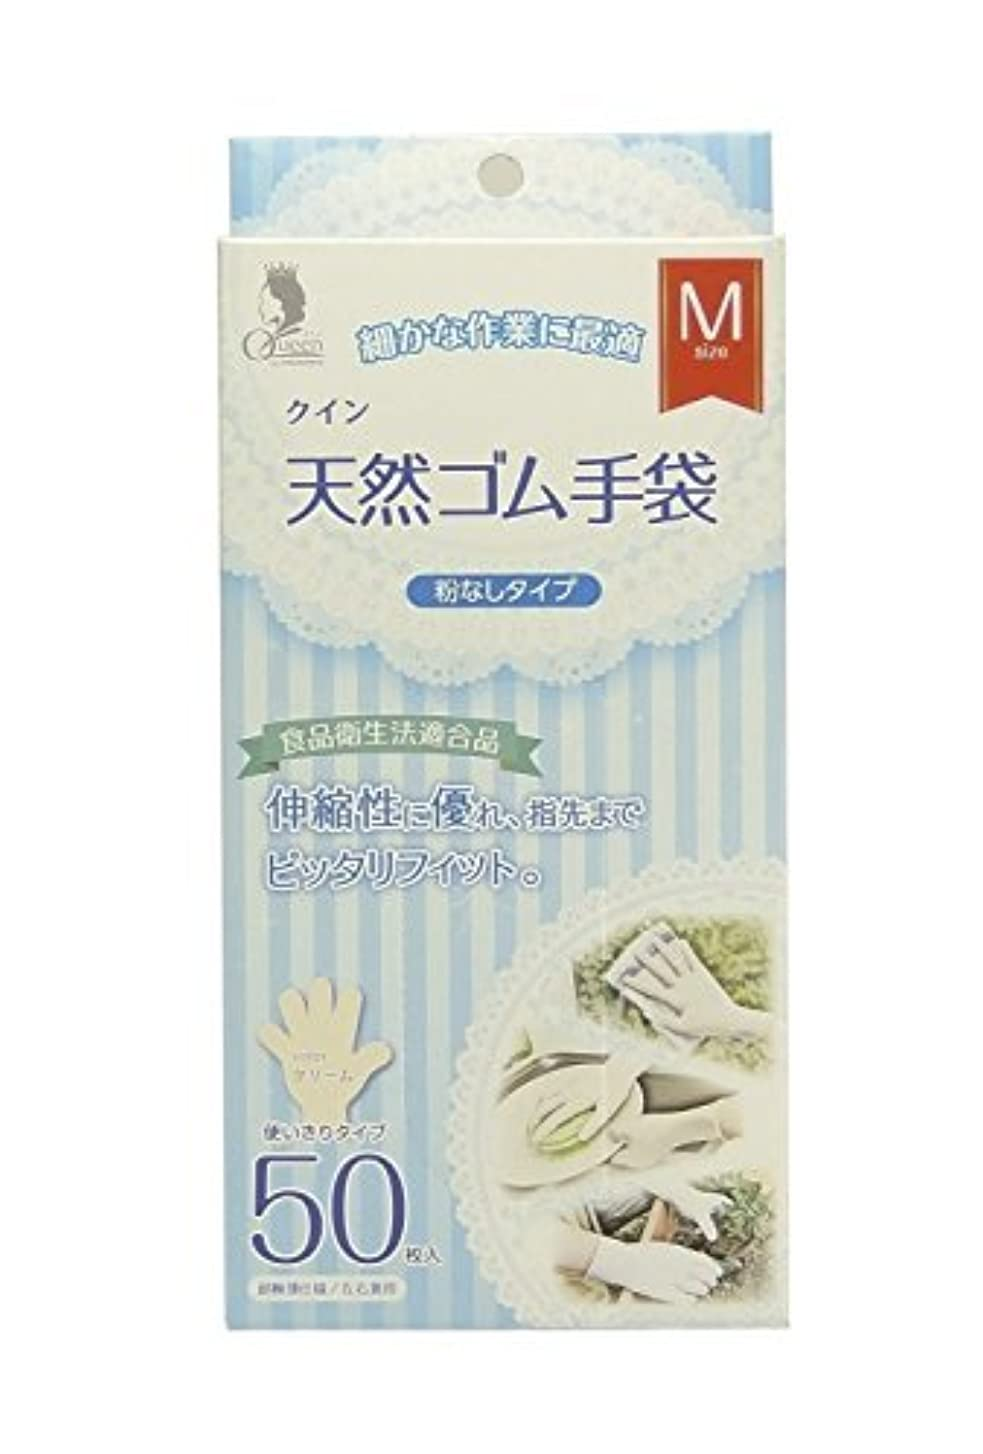 洗練真珠のような不明瞭クイン 天然ゴム手袋(パウダーフリー) M 50枚 ?おまとめセット【6個】?